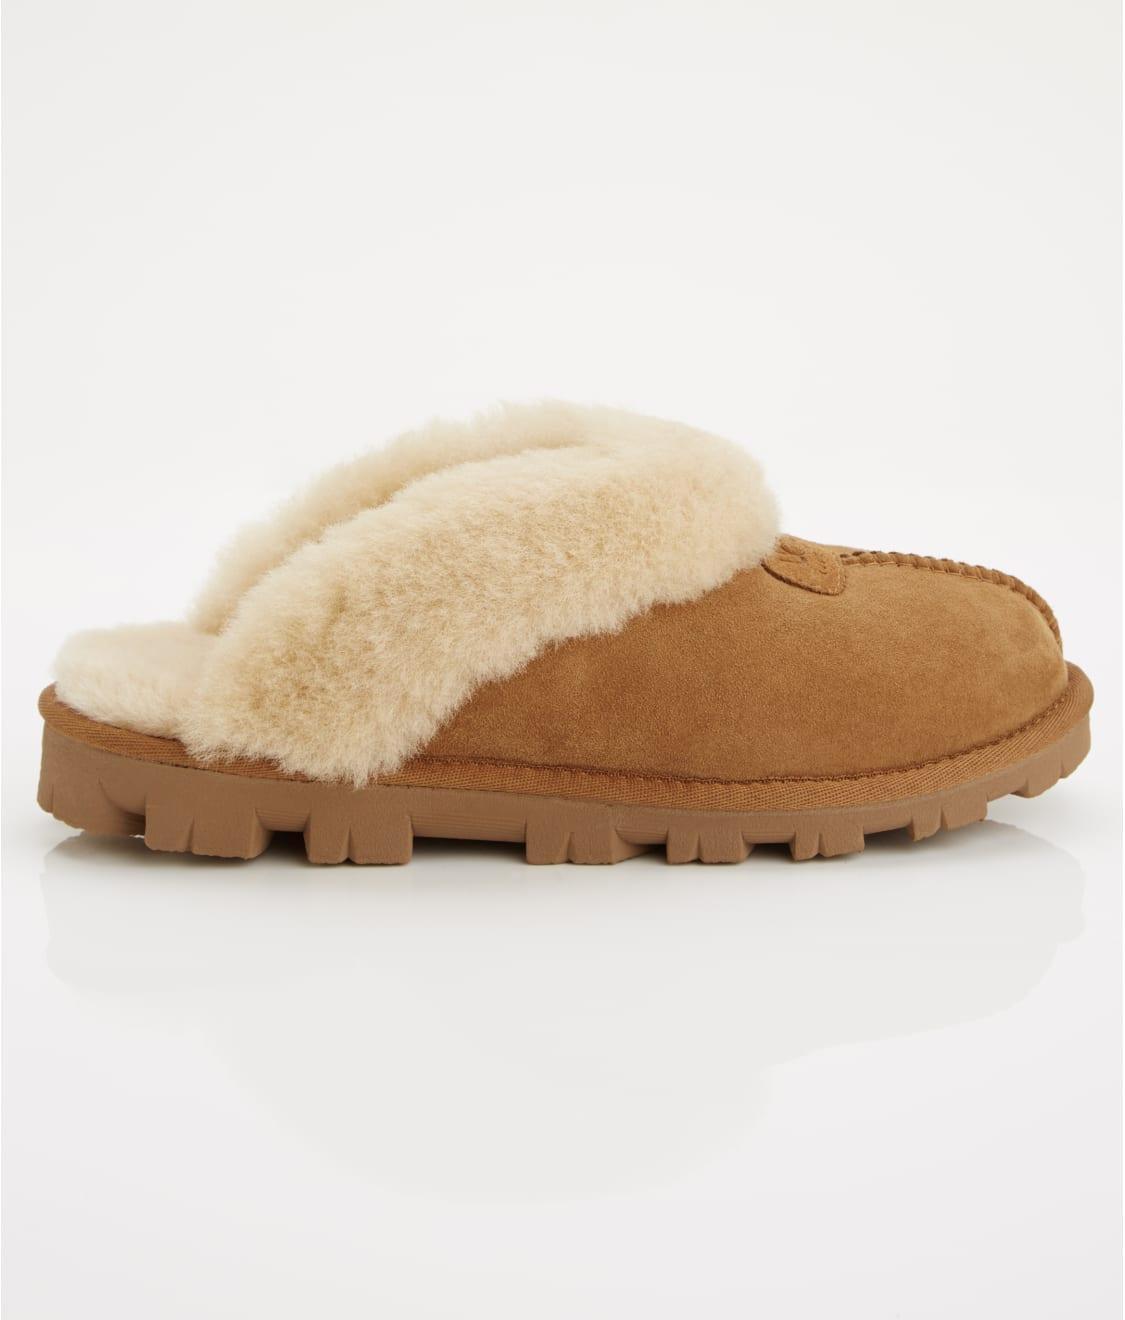 54796e754fc Coquette Slippers